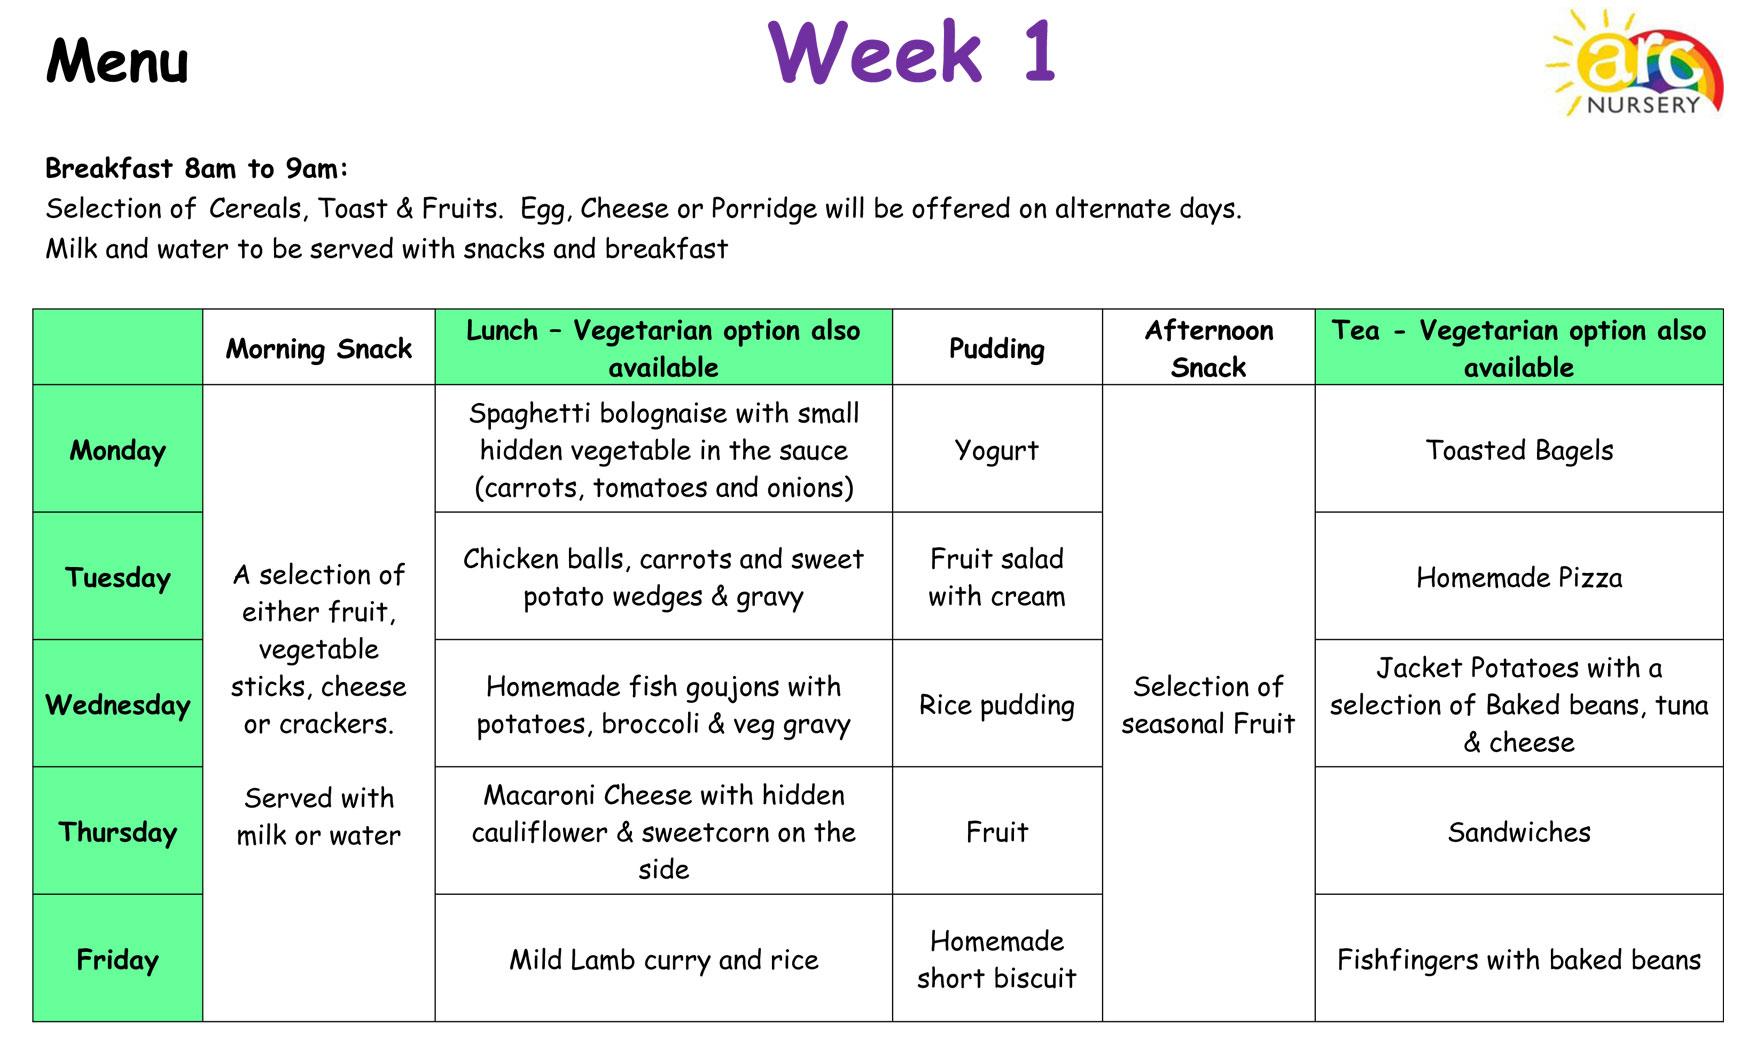 Arc Nursery Menu, Week 1